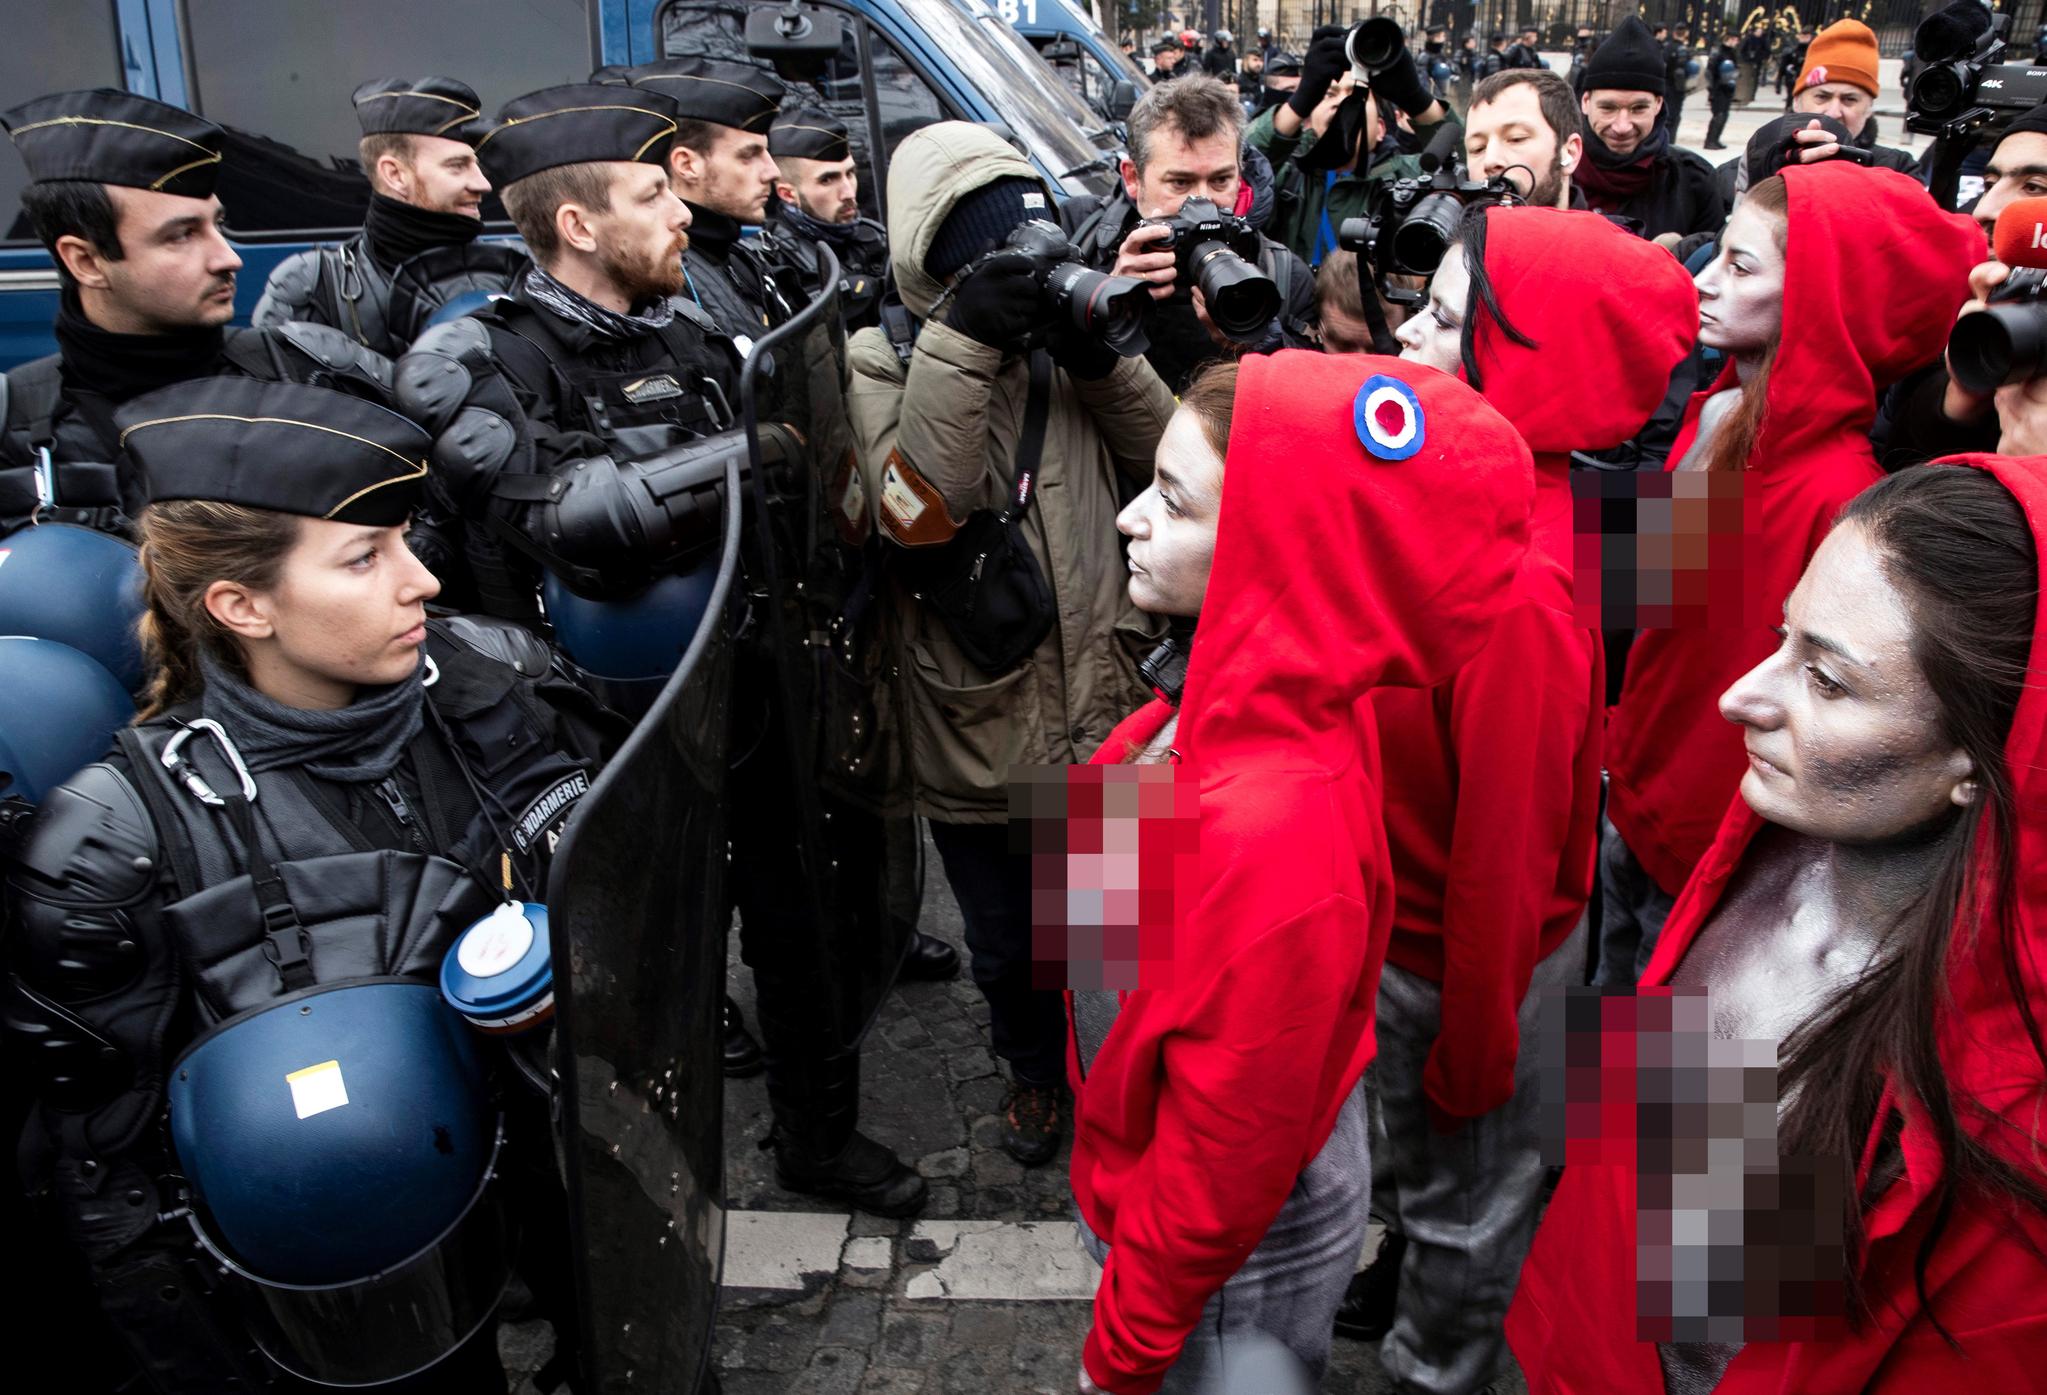 진압복을 입은 프랑스 파리 경찰들이 15일 파리에서 열린 '노란 조끼' 시위 현장에서 프랑스의 상징적인 마리안네 (Marianne) 인물 (자유여신상)을 상징하는 여성 시위대와 대치하고 있다. [EPA=연합뉴스]